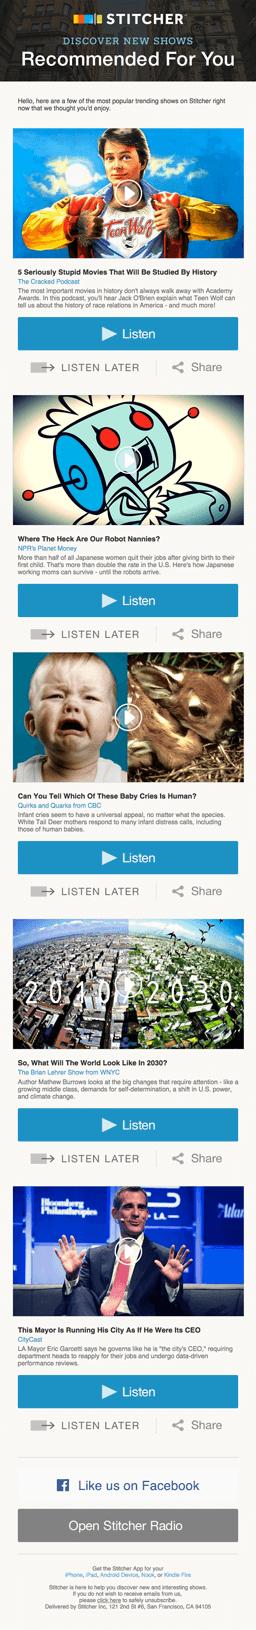 Beispiele herausragender E-Mail-Marketing-Kampagnen – Stitcher